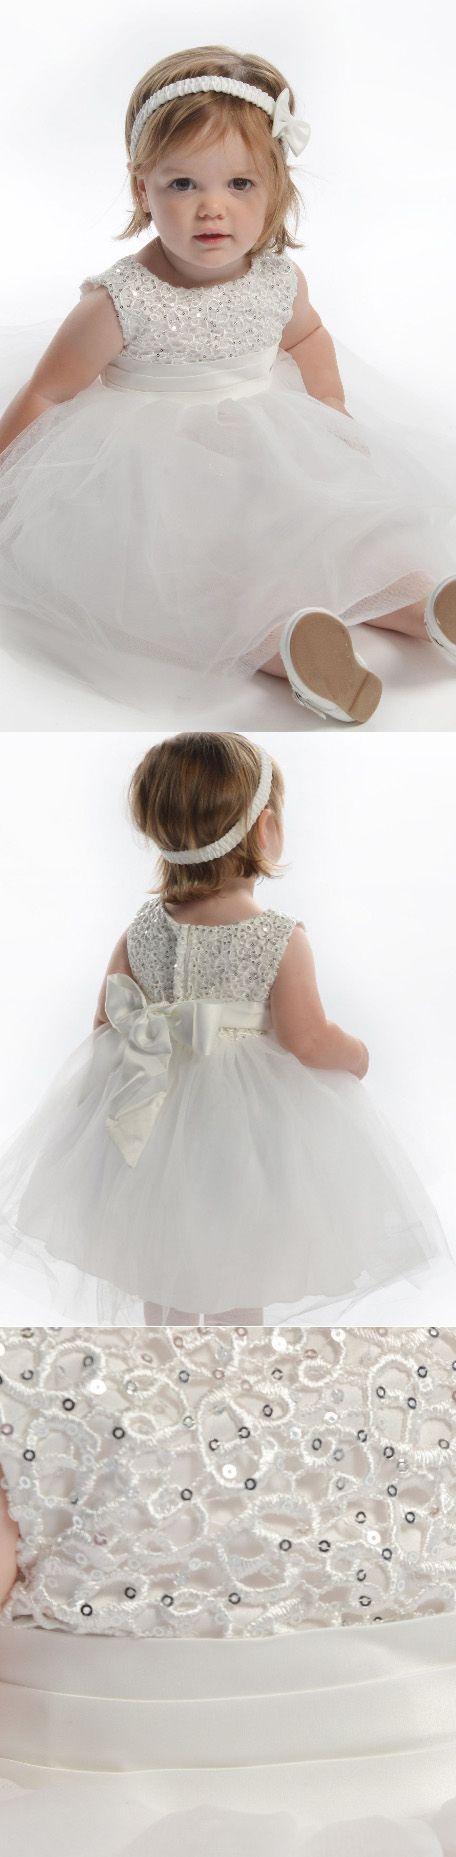 Hot sale mini flower girl dress short white dresses with zipper